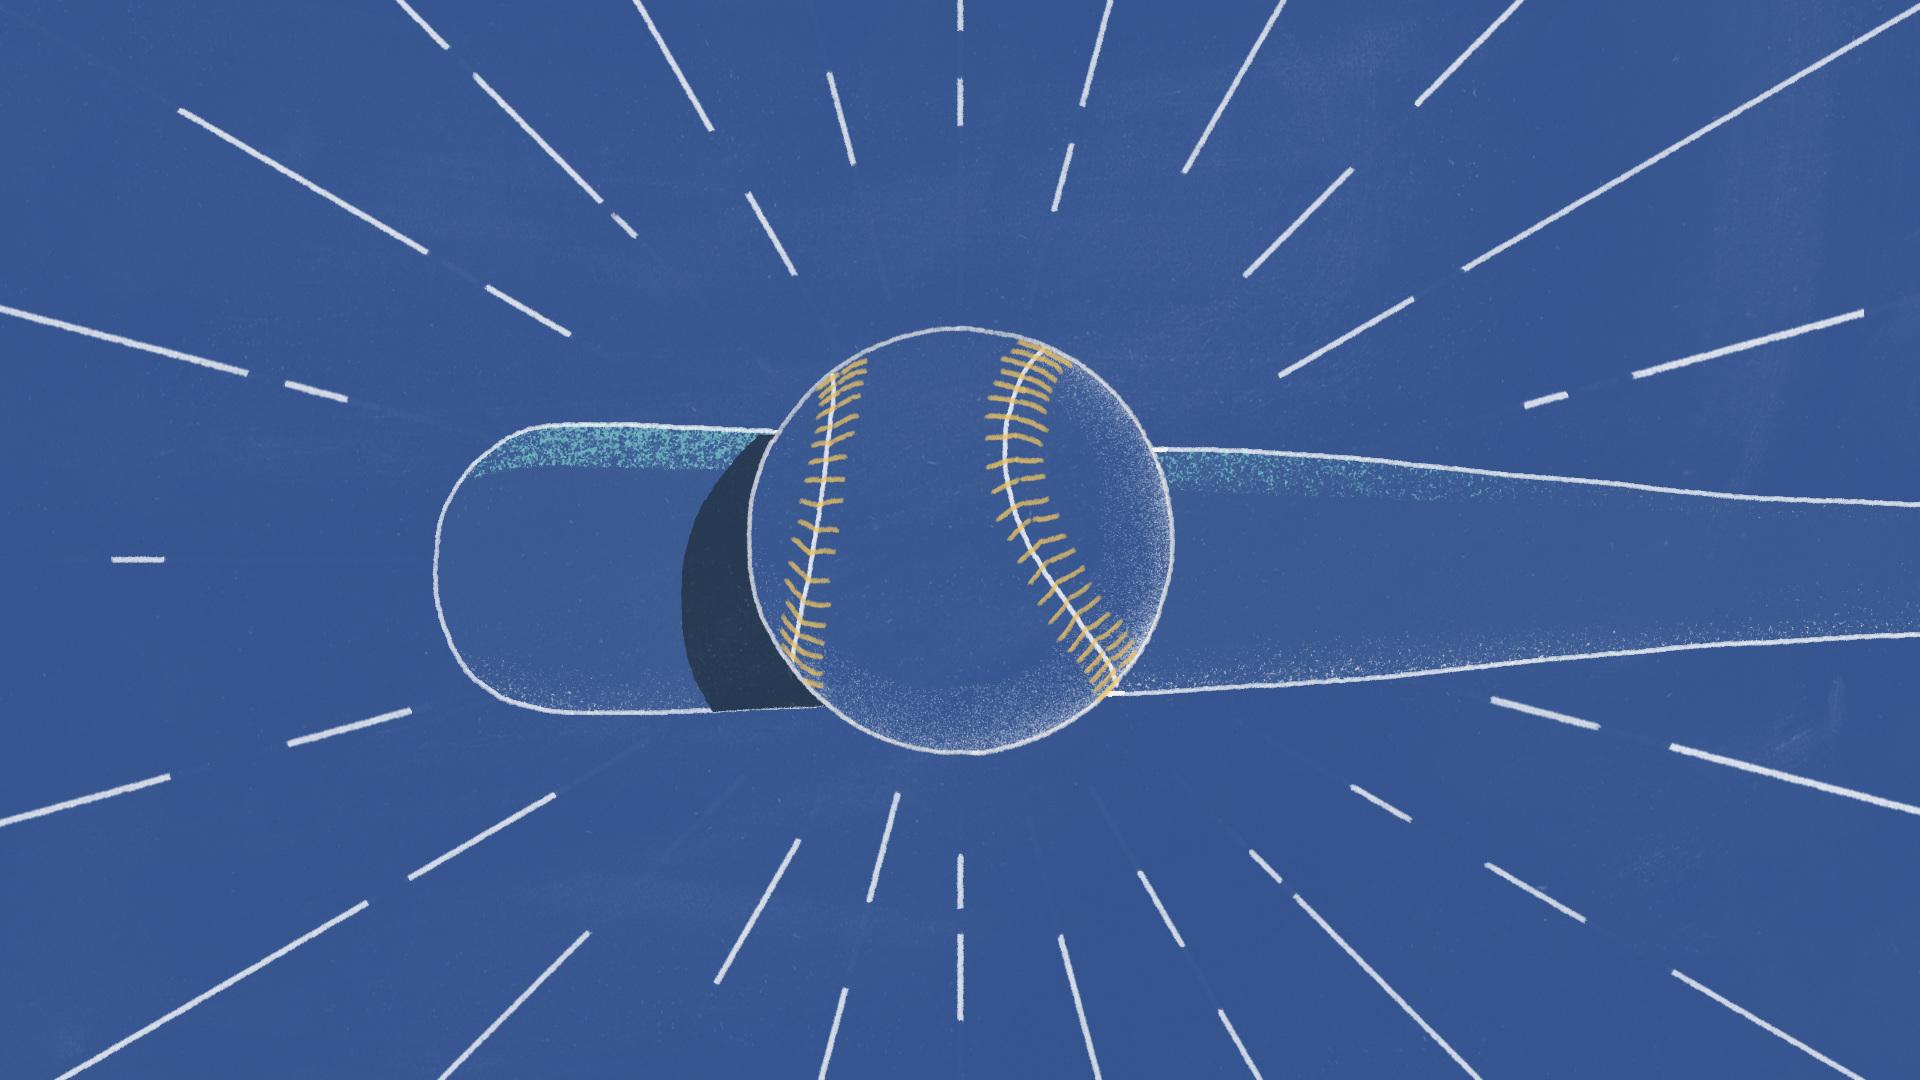 002_Baseball_1920.jpg